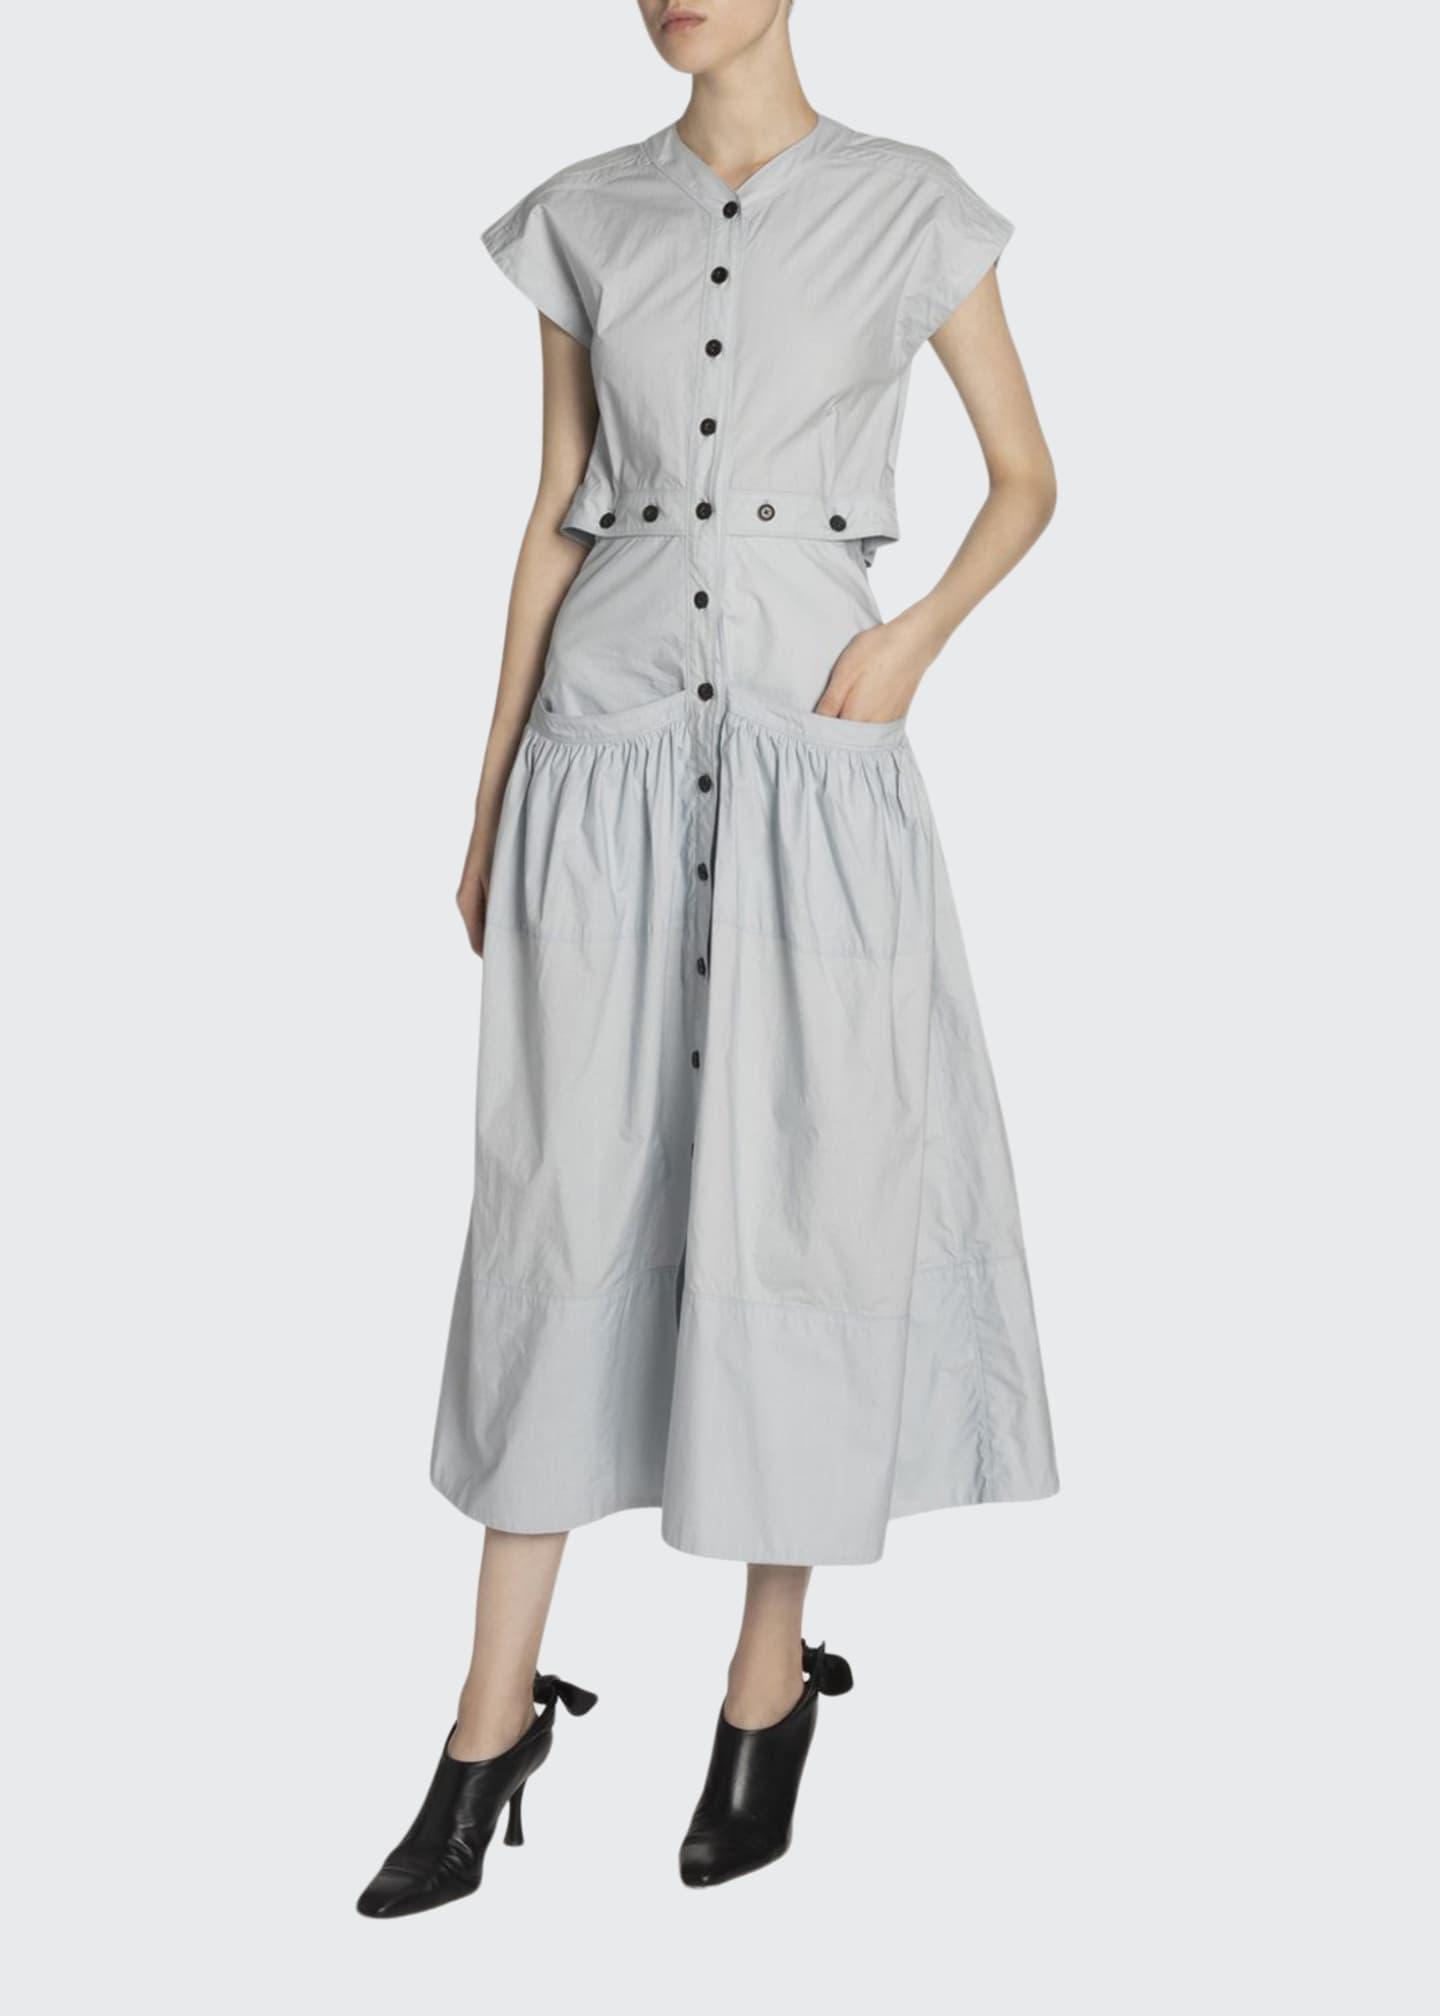 Proenza Schouler Poplin Button-Front Flared Dress